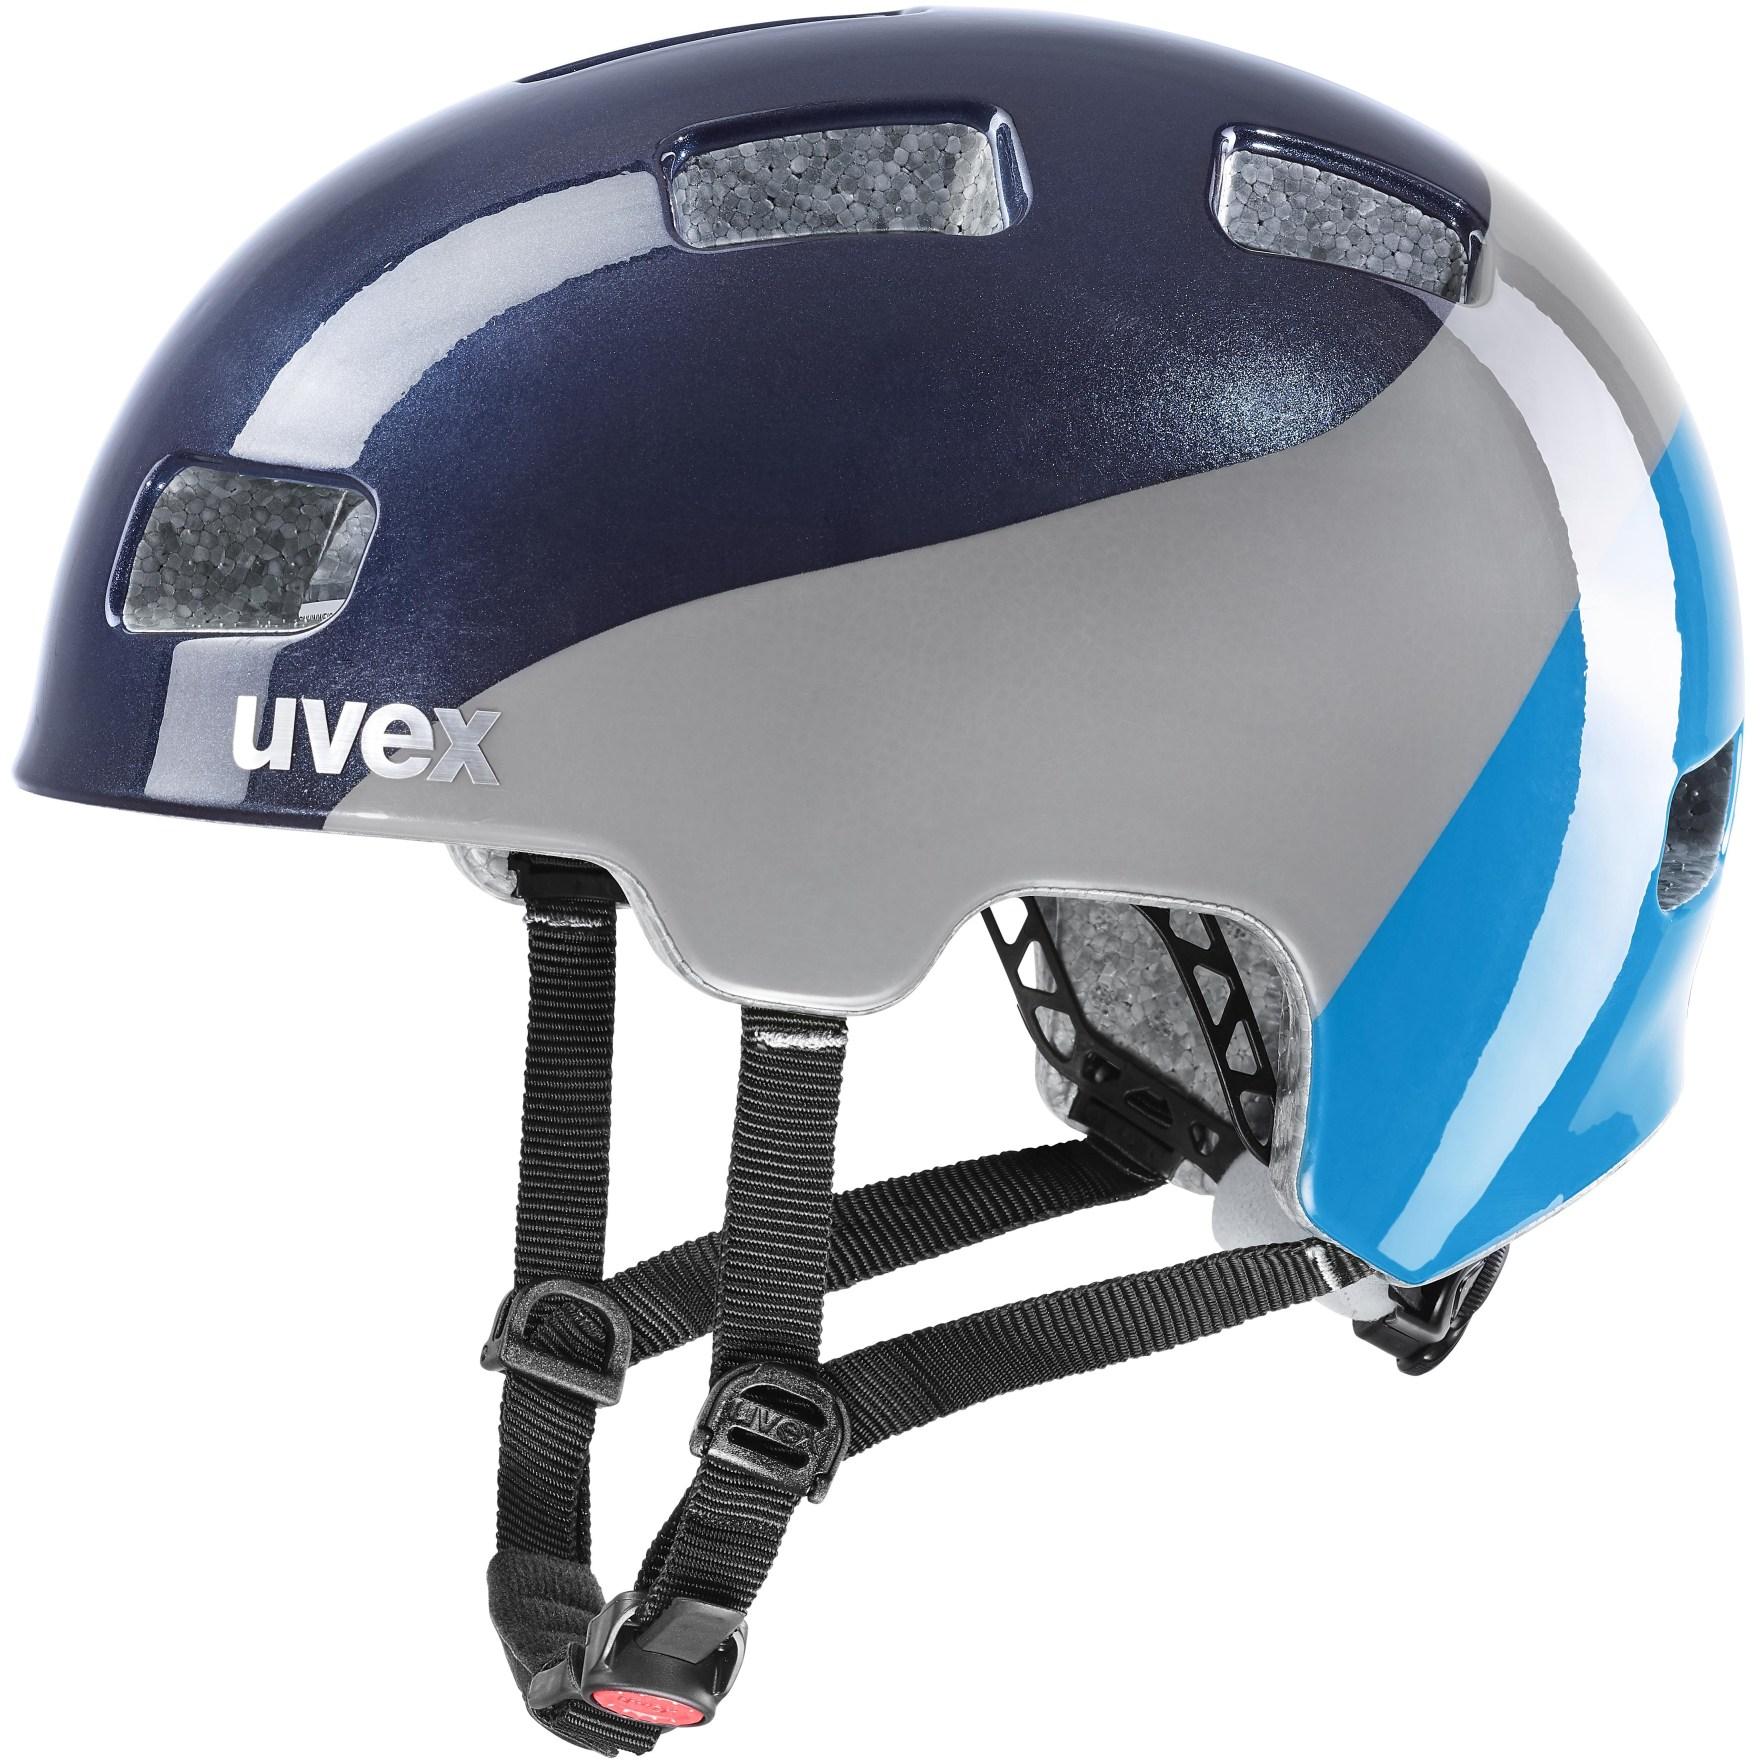 Uvex hlmt 4 Kids Helmet - deep space-blue wave